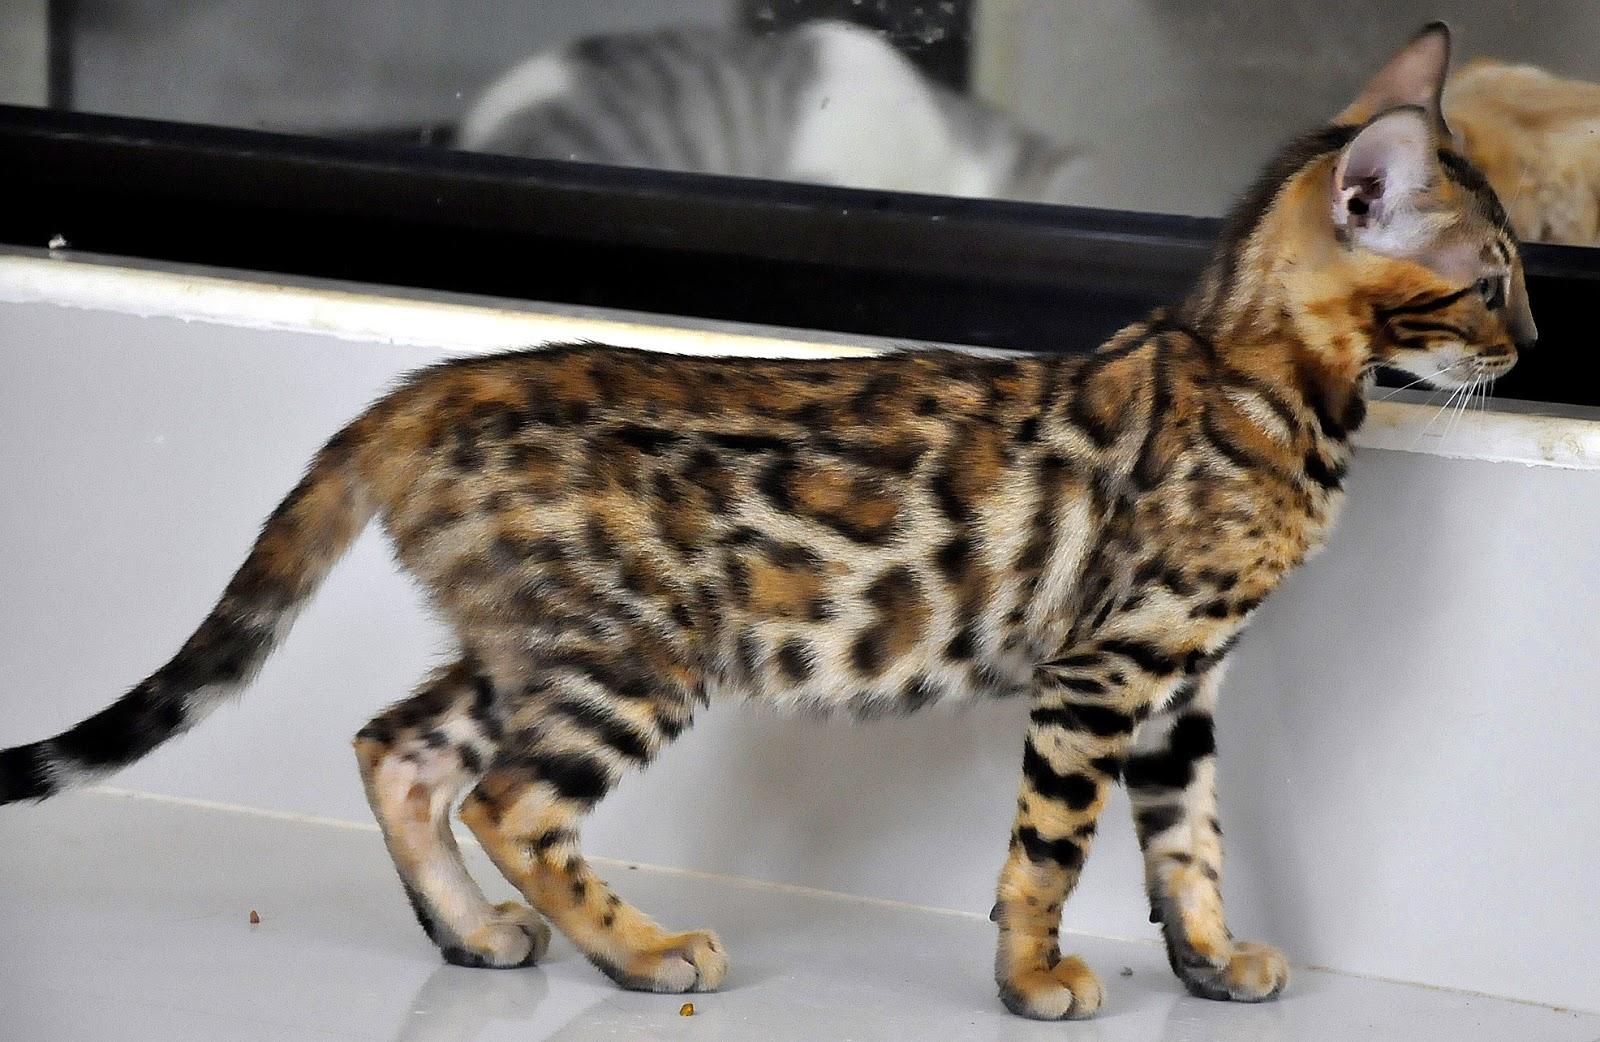 Kucing Bengal Memelihara Macan Kecil Di Rumah Maju Jaya